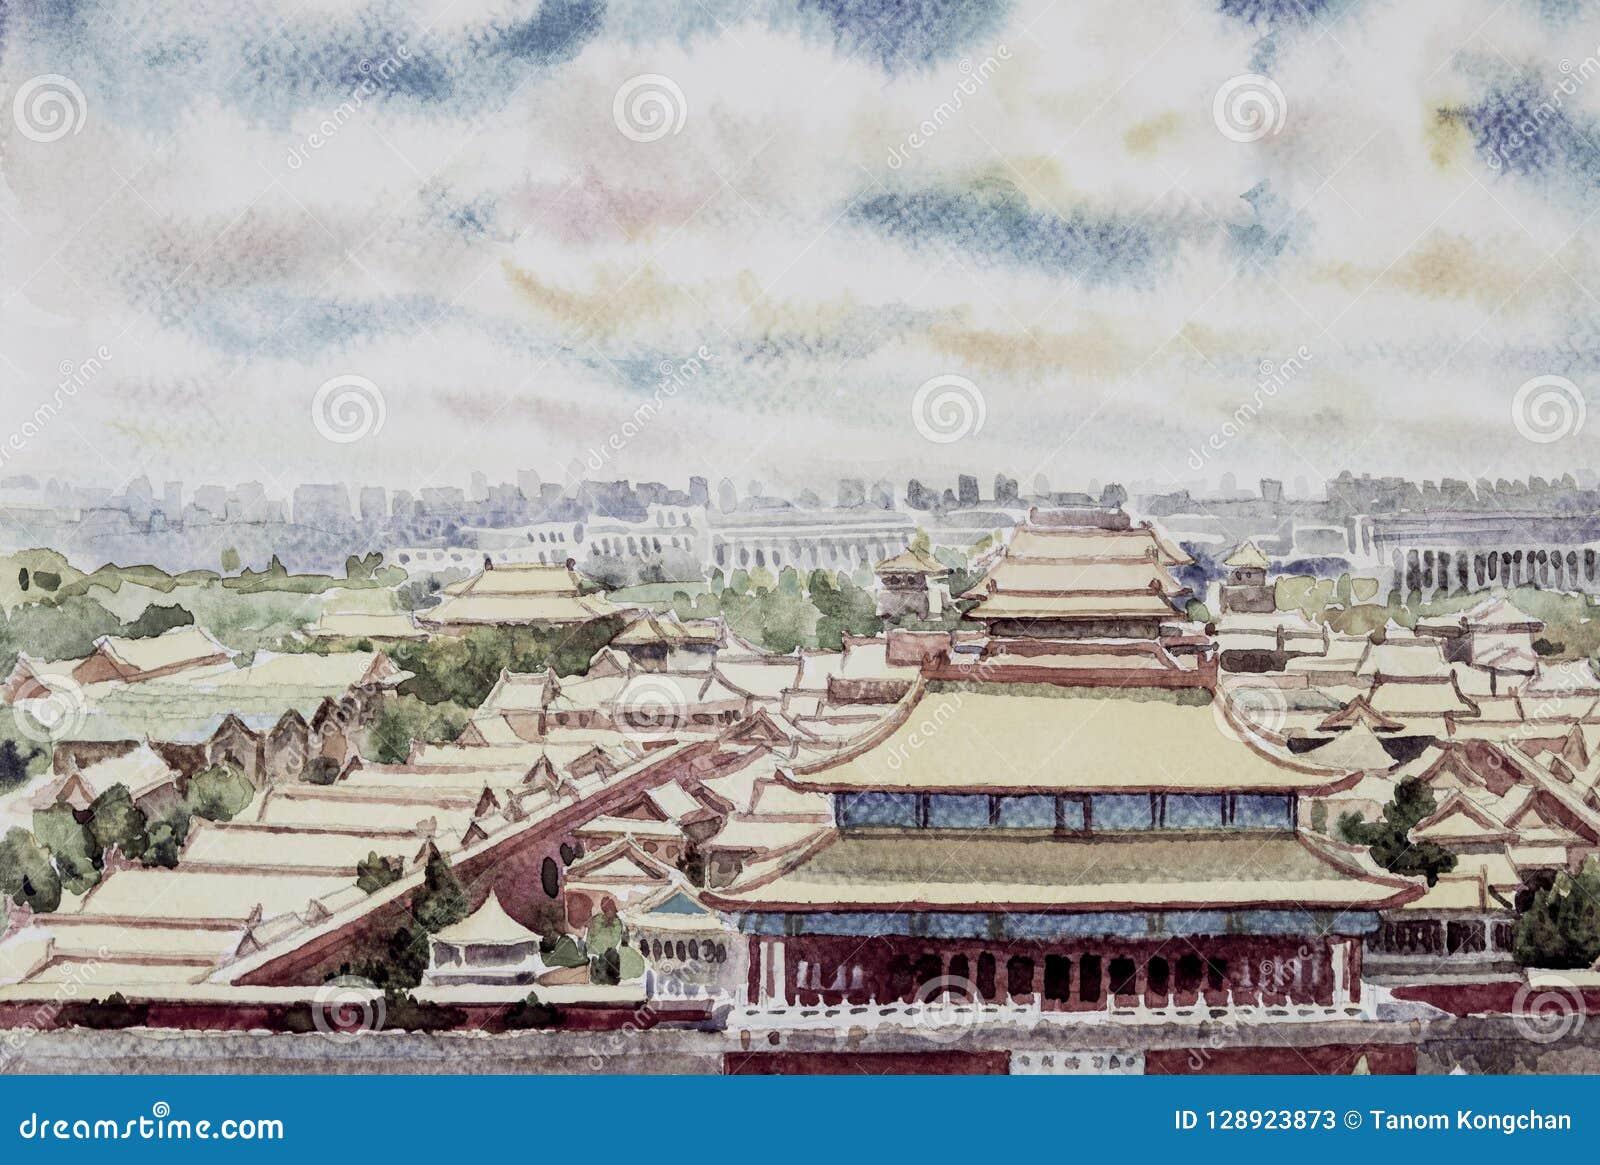 Paesaggio Di Pechino La Città Proibita In Cina Illustrazione di Stock -  Illustrazione di arte, asia: 128923873